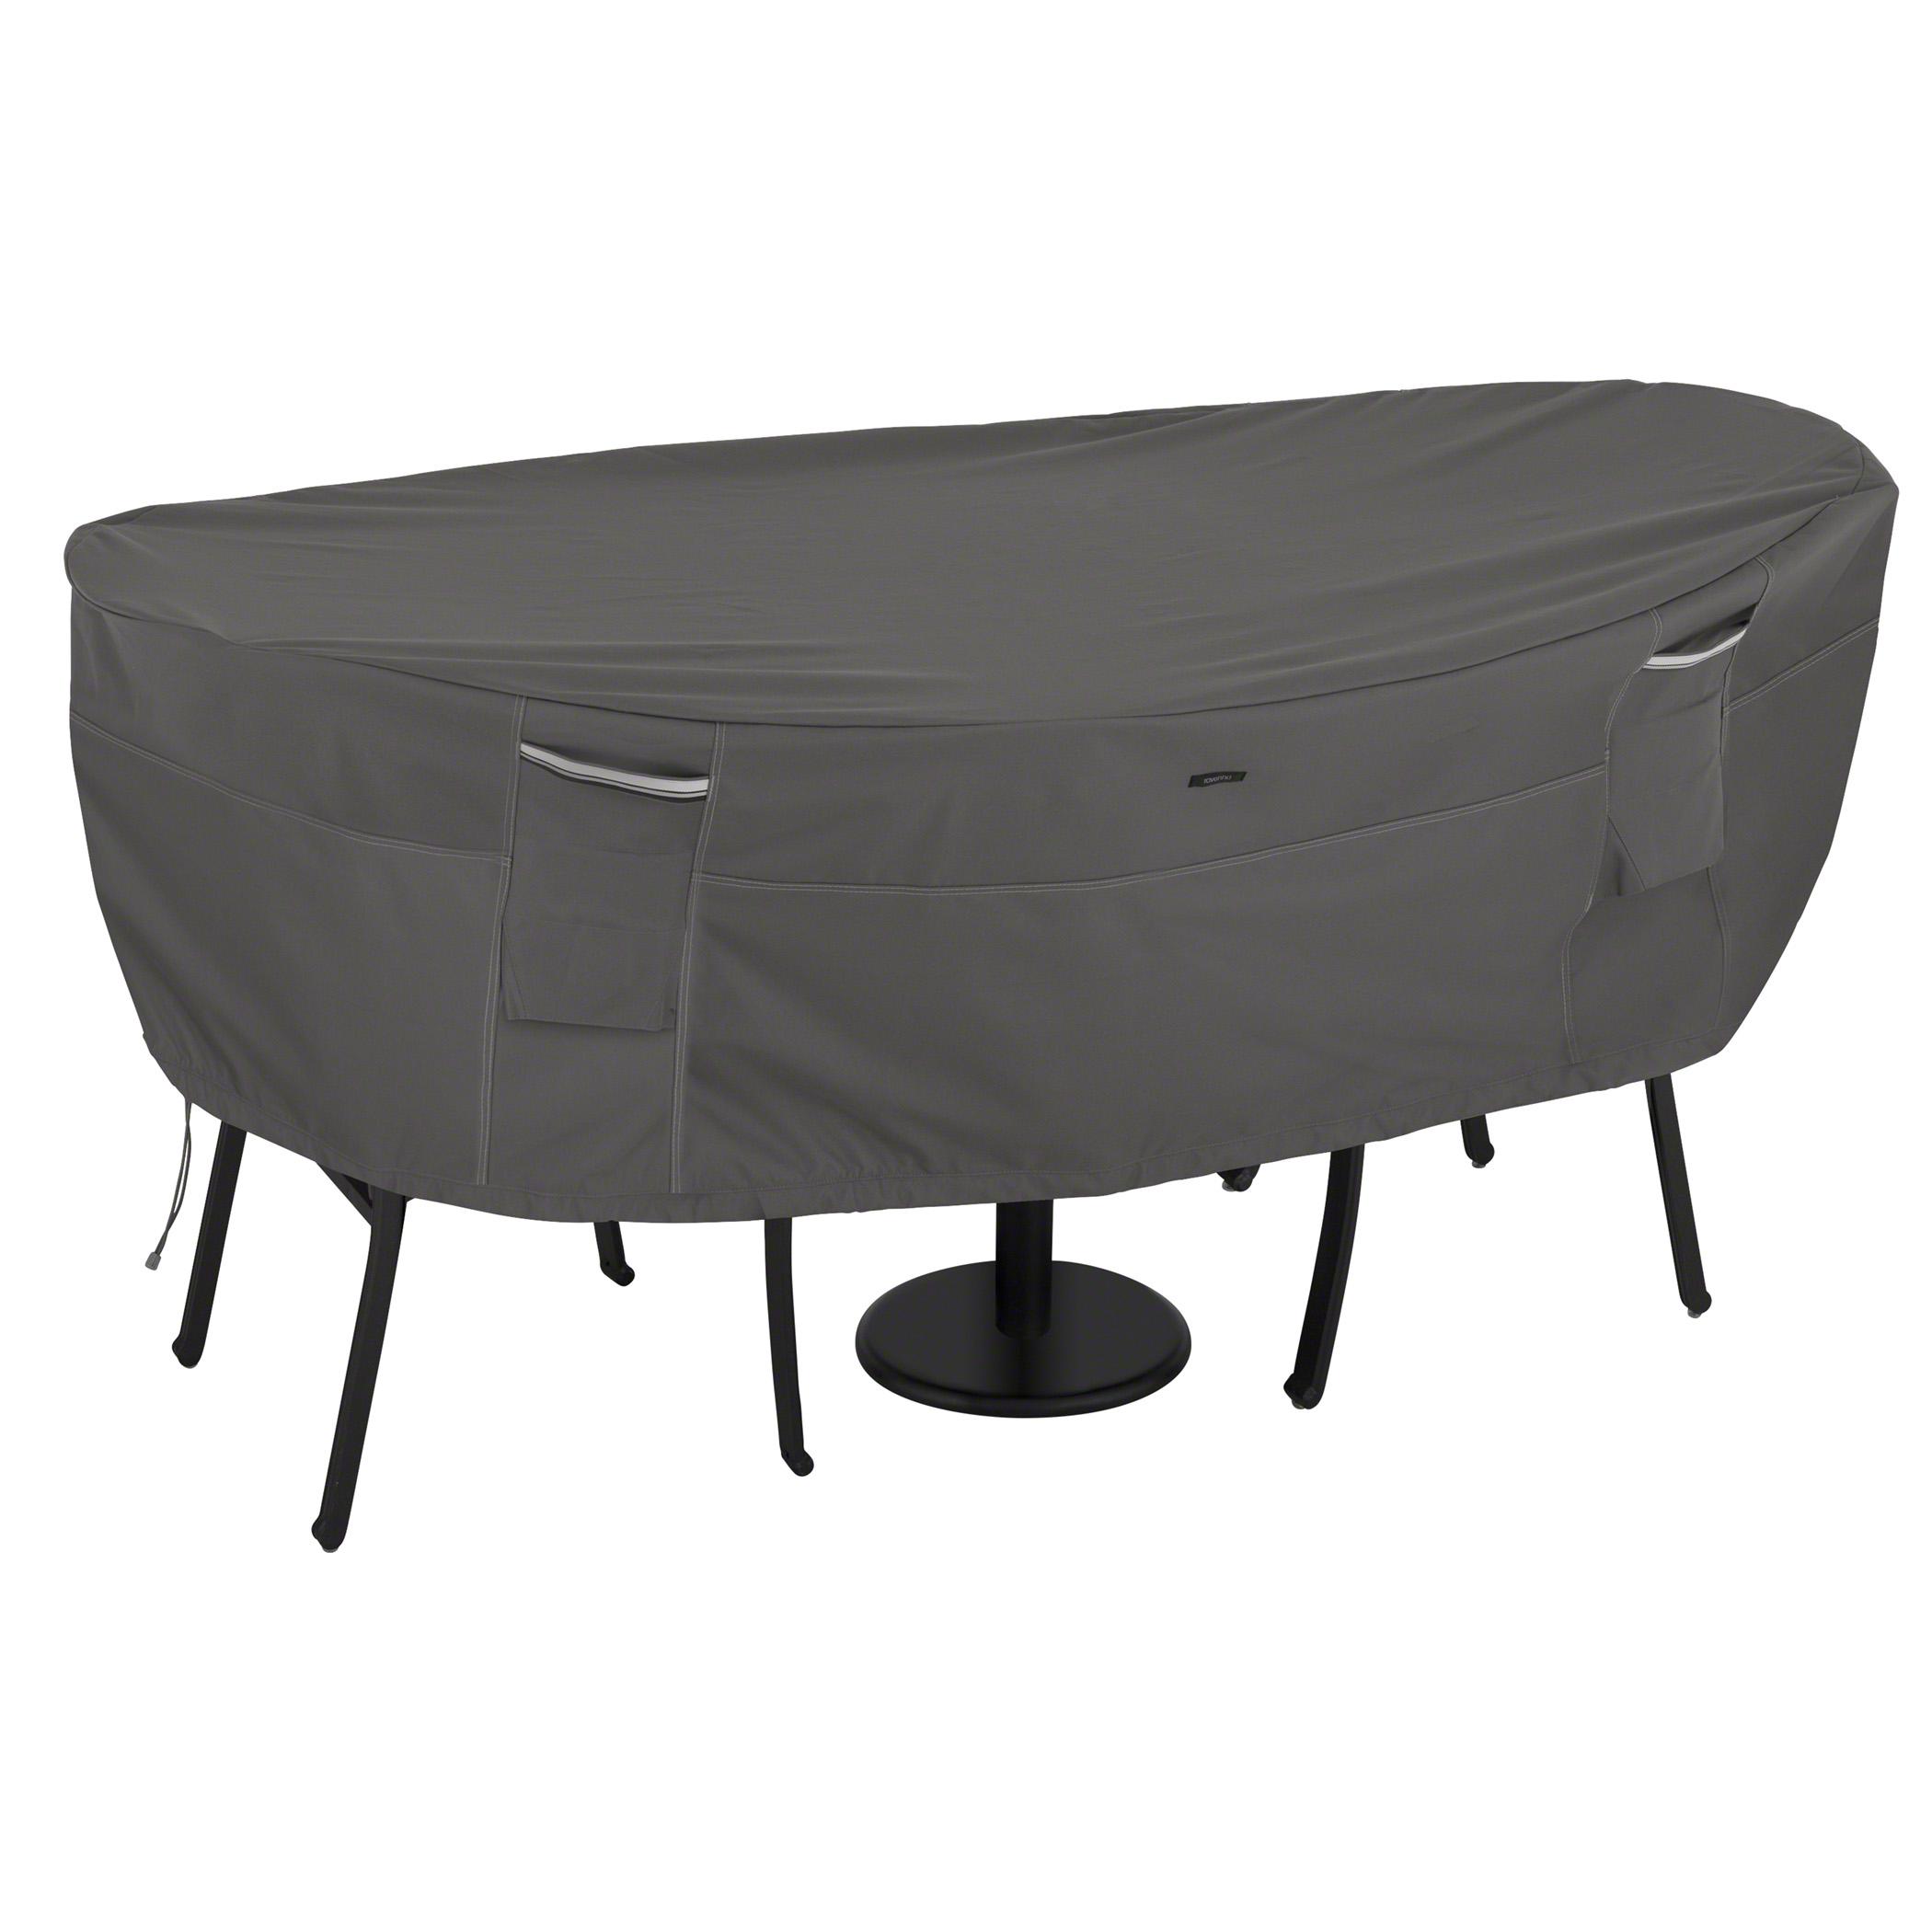 schutzhaube abdeckhaube m belabdeckung f r garten sitzgruppe rechteckig 203 x 104 x 61 cm. Black Bedroom Furniture Sets. Home Design Ideas